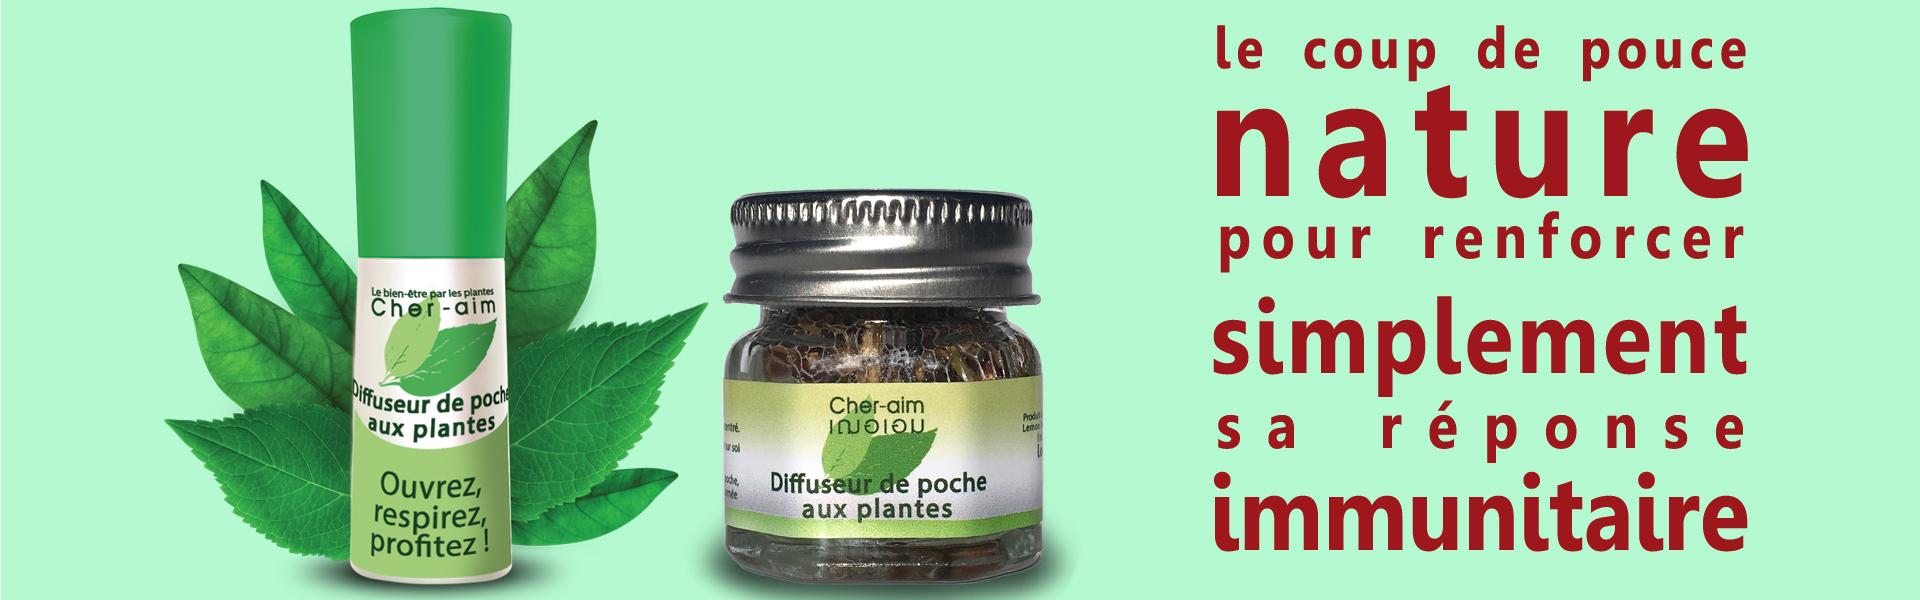 Le diffuseur de poche aux plantes: un allié simple, naturel & pratique pour éviter de tomber malade.